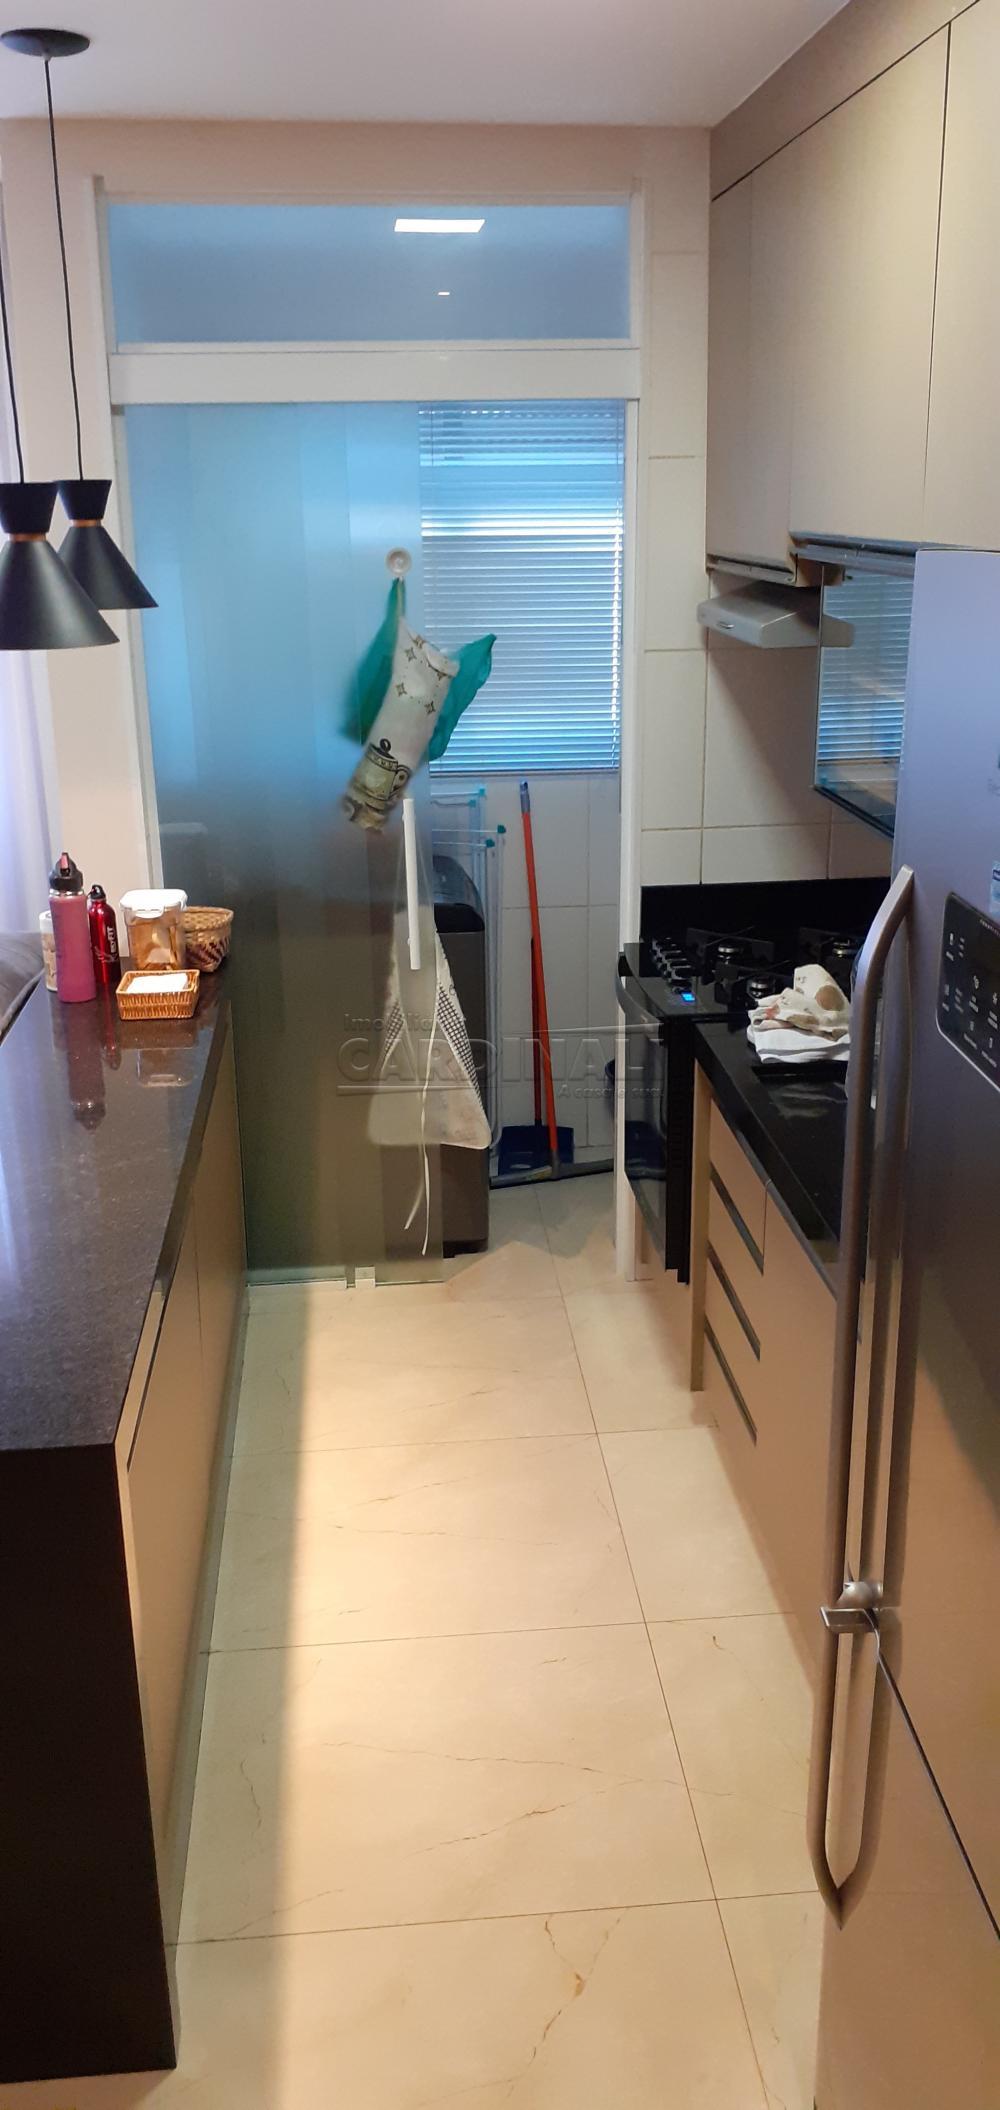 Alugar Apartamento / Padrão em São Carlos apenas R$ 1.700,00 - Foto 10